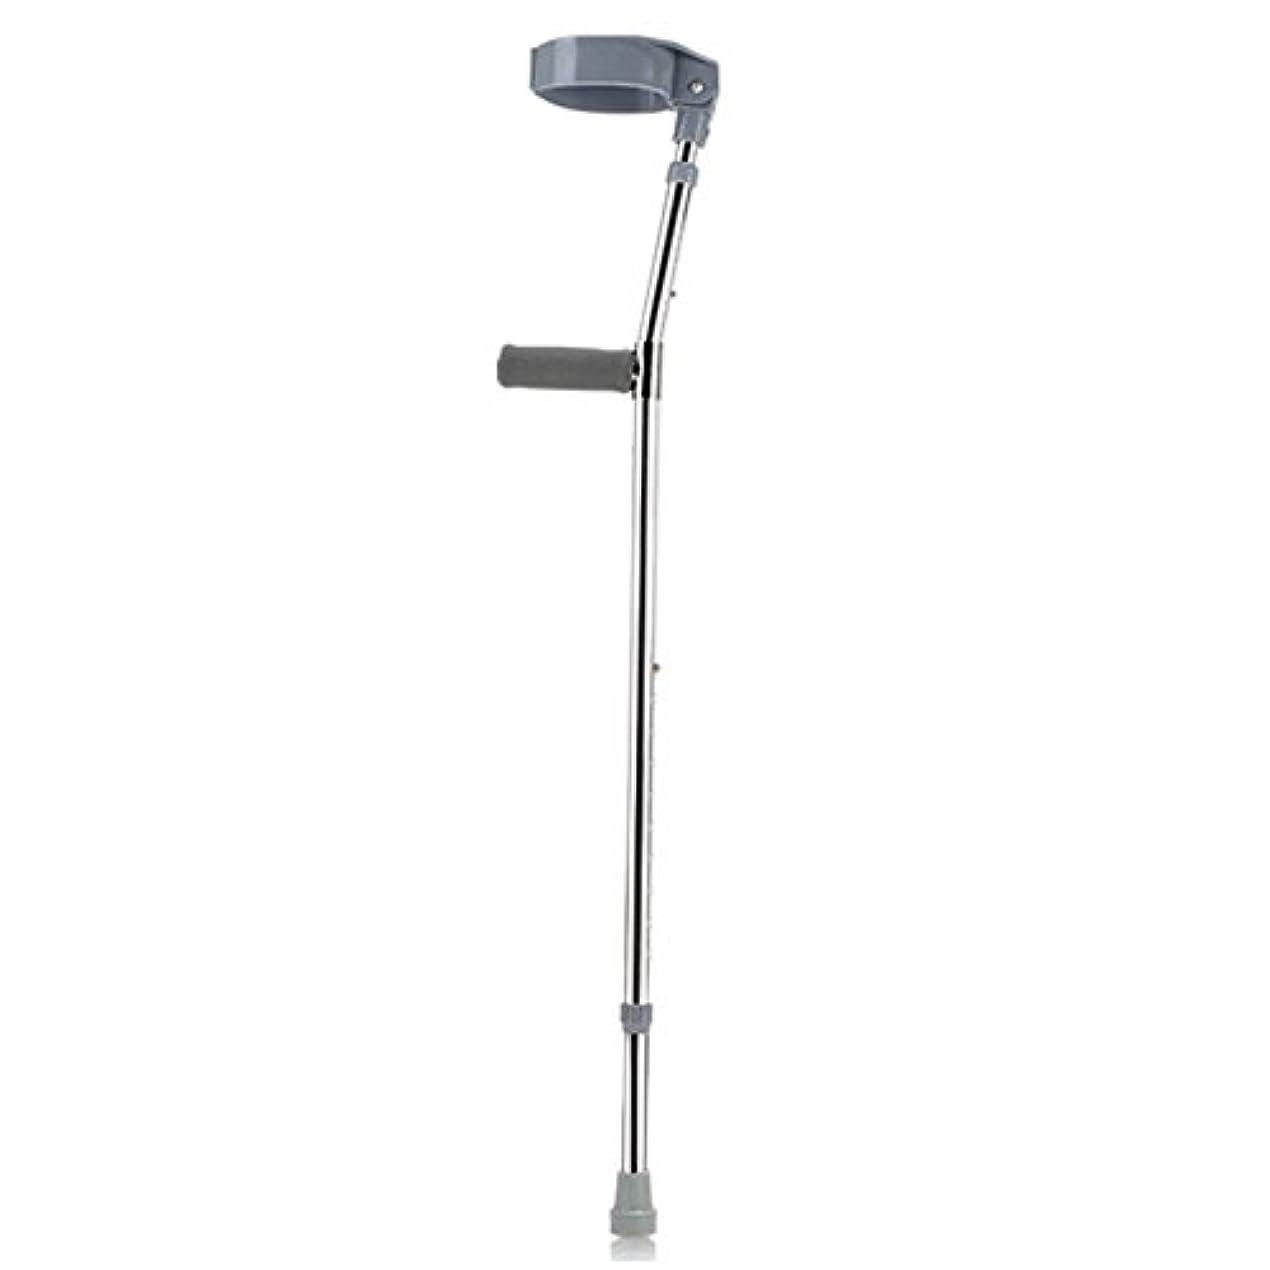 宇宙船スコア魔術アルミニウム合金、肘、松葉杖、腋窩、前腕、骨折、障害者、歩行補助具,Grey